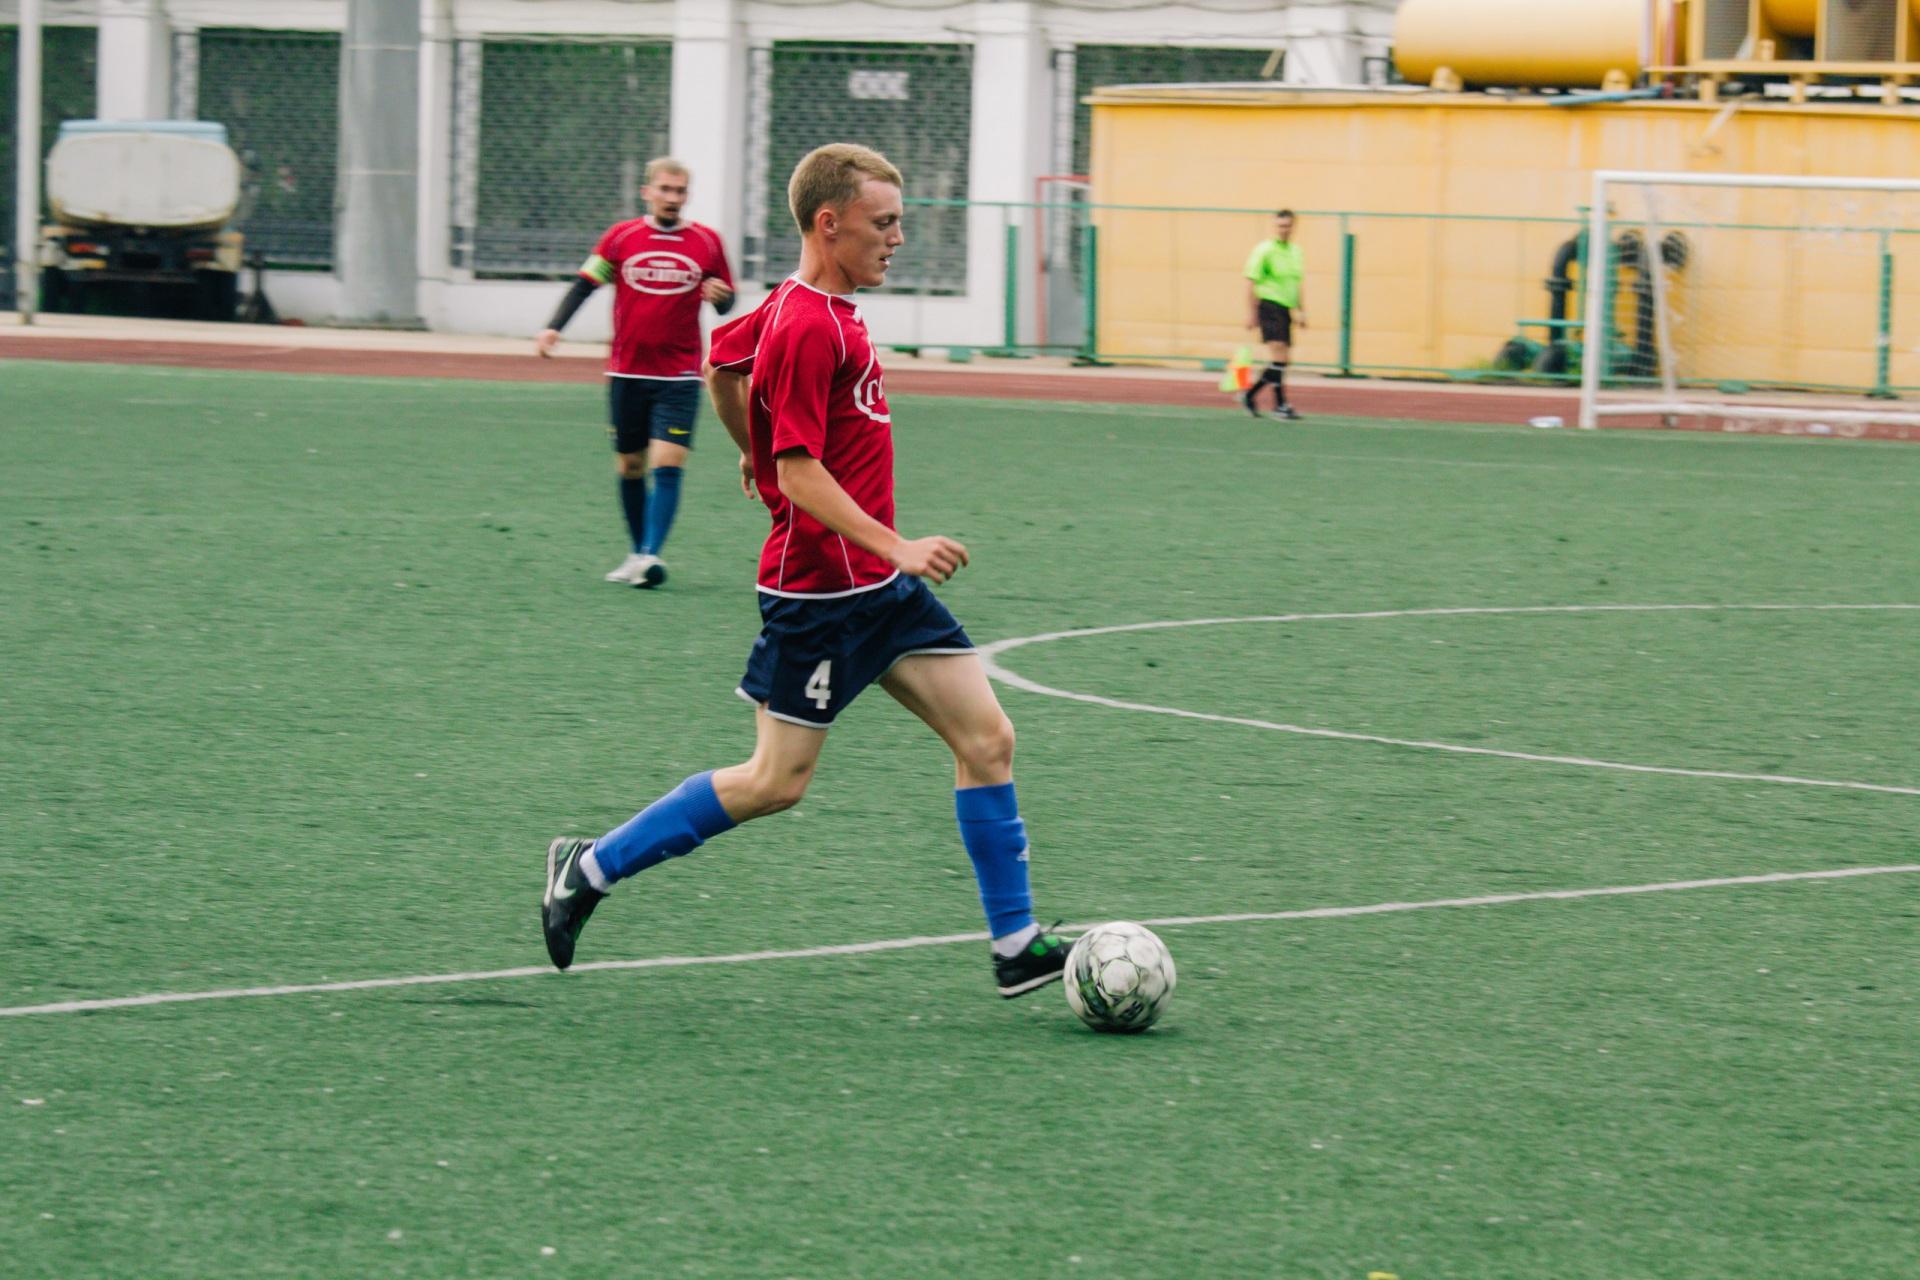 В Сыктывкаре пройдет финальный этап Кубка Коми по футболу среди любительских команд